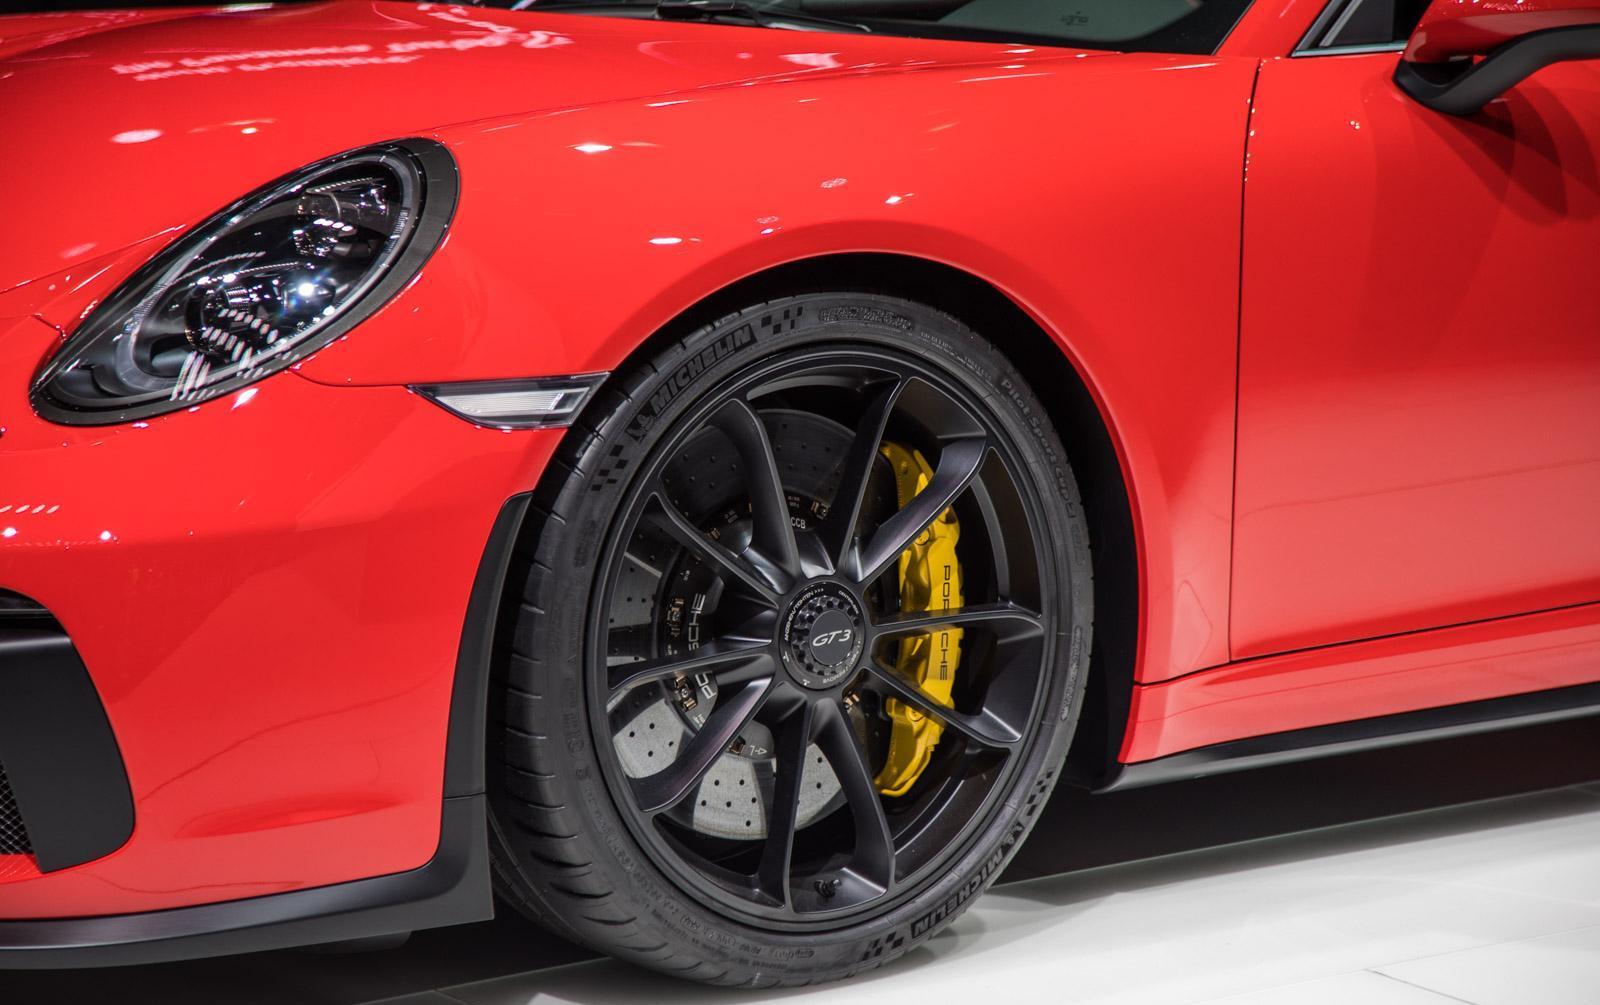 Porsche-911-gt3-facelift-005